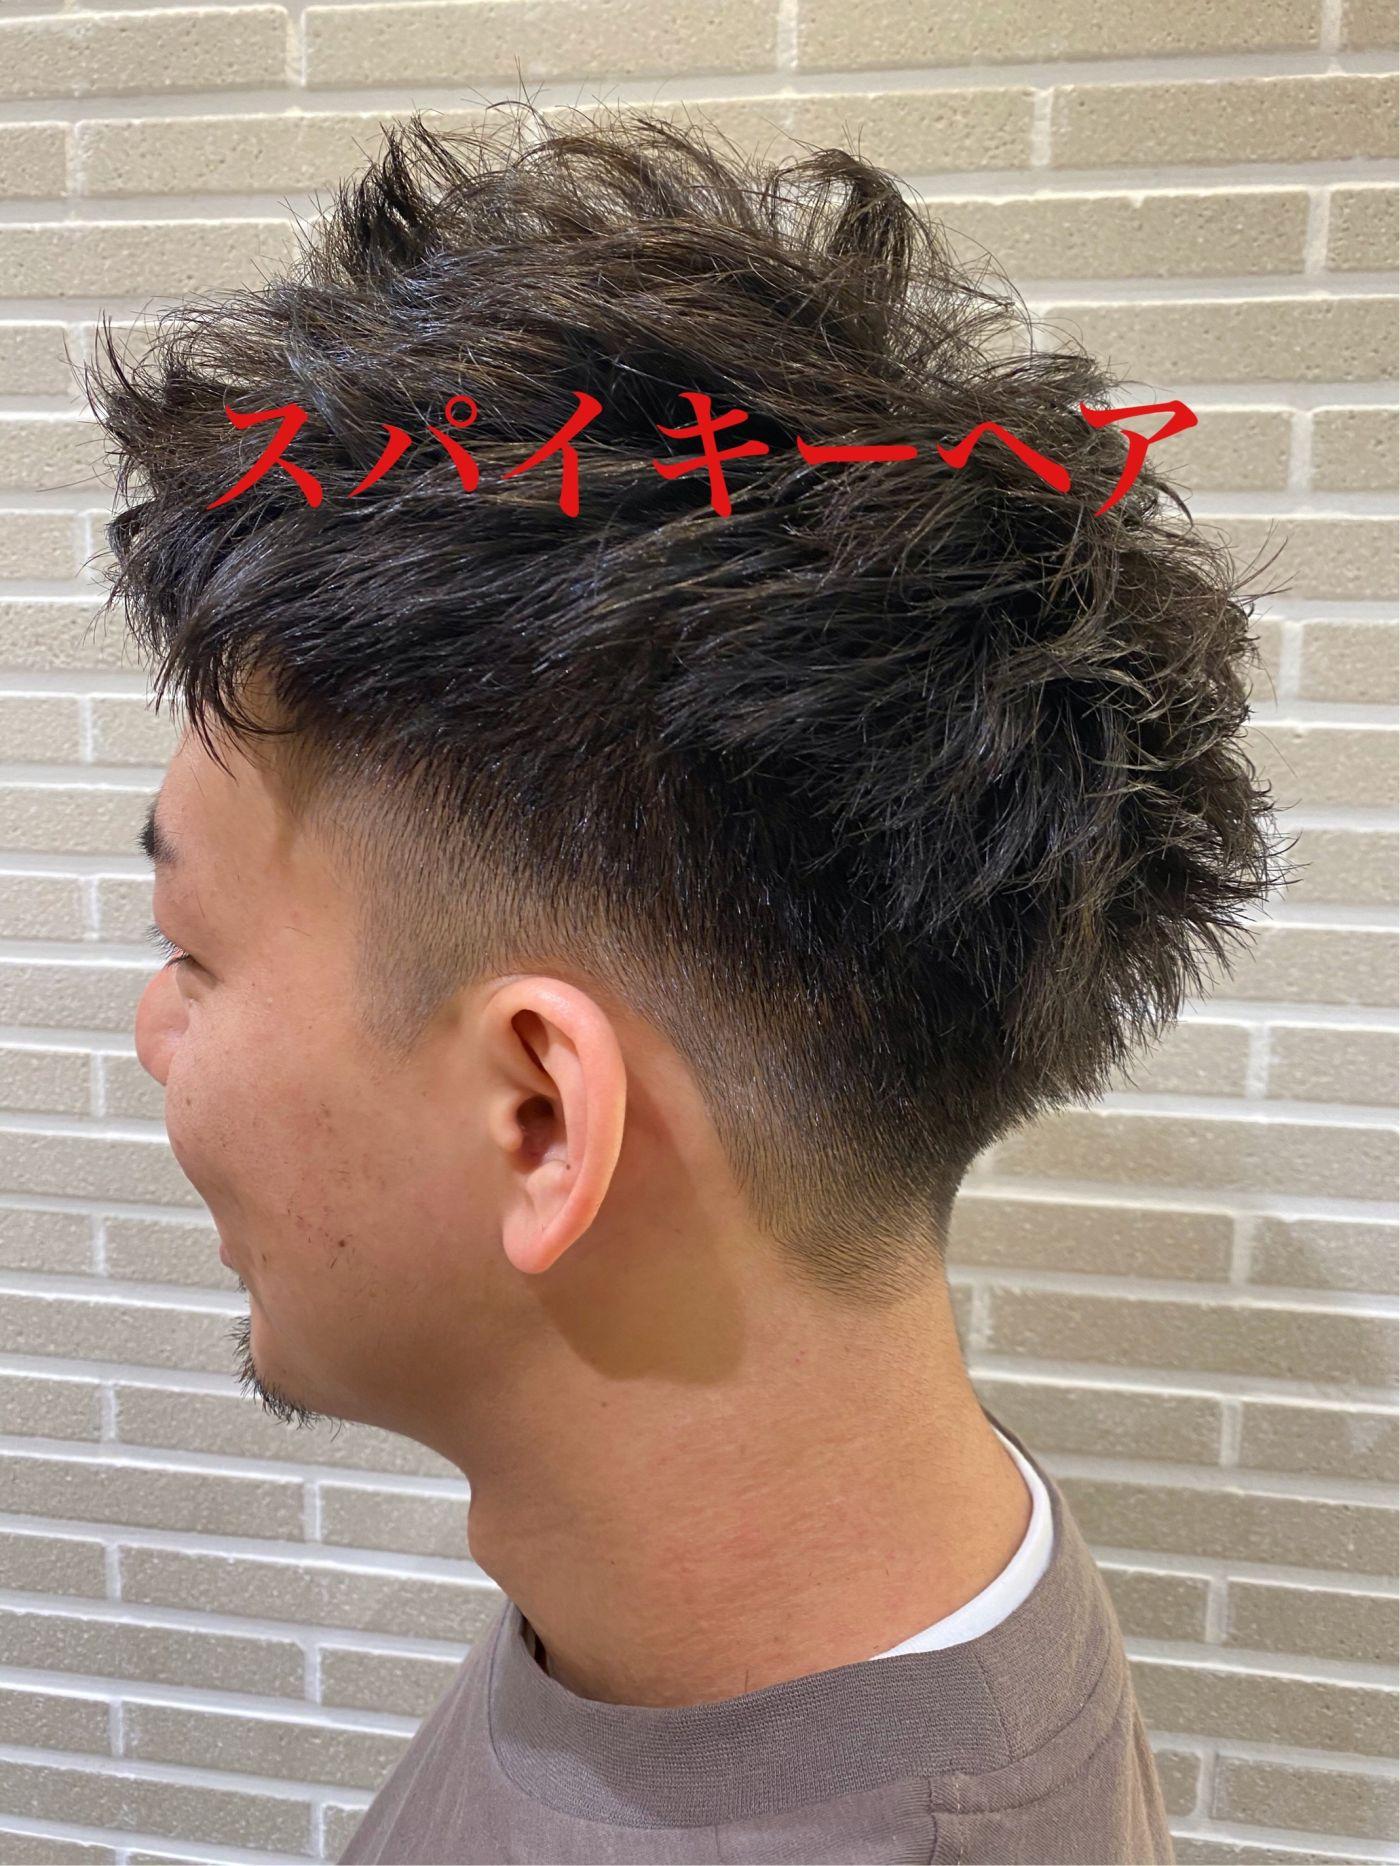 刈り上げスタイルでのスパイキーヘア